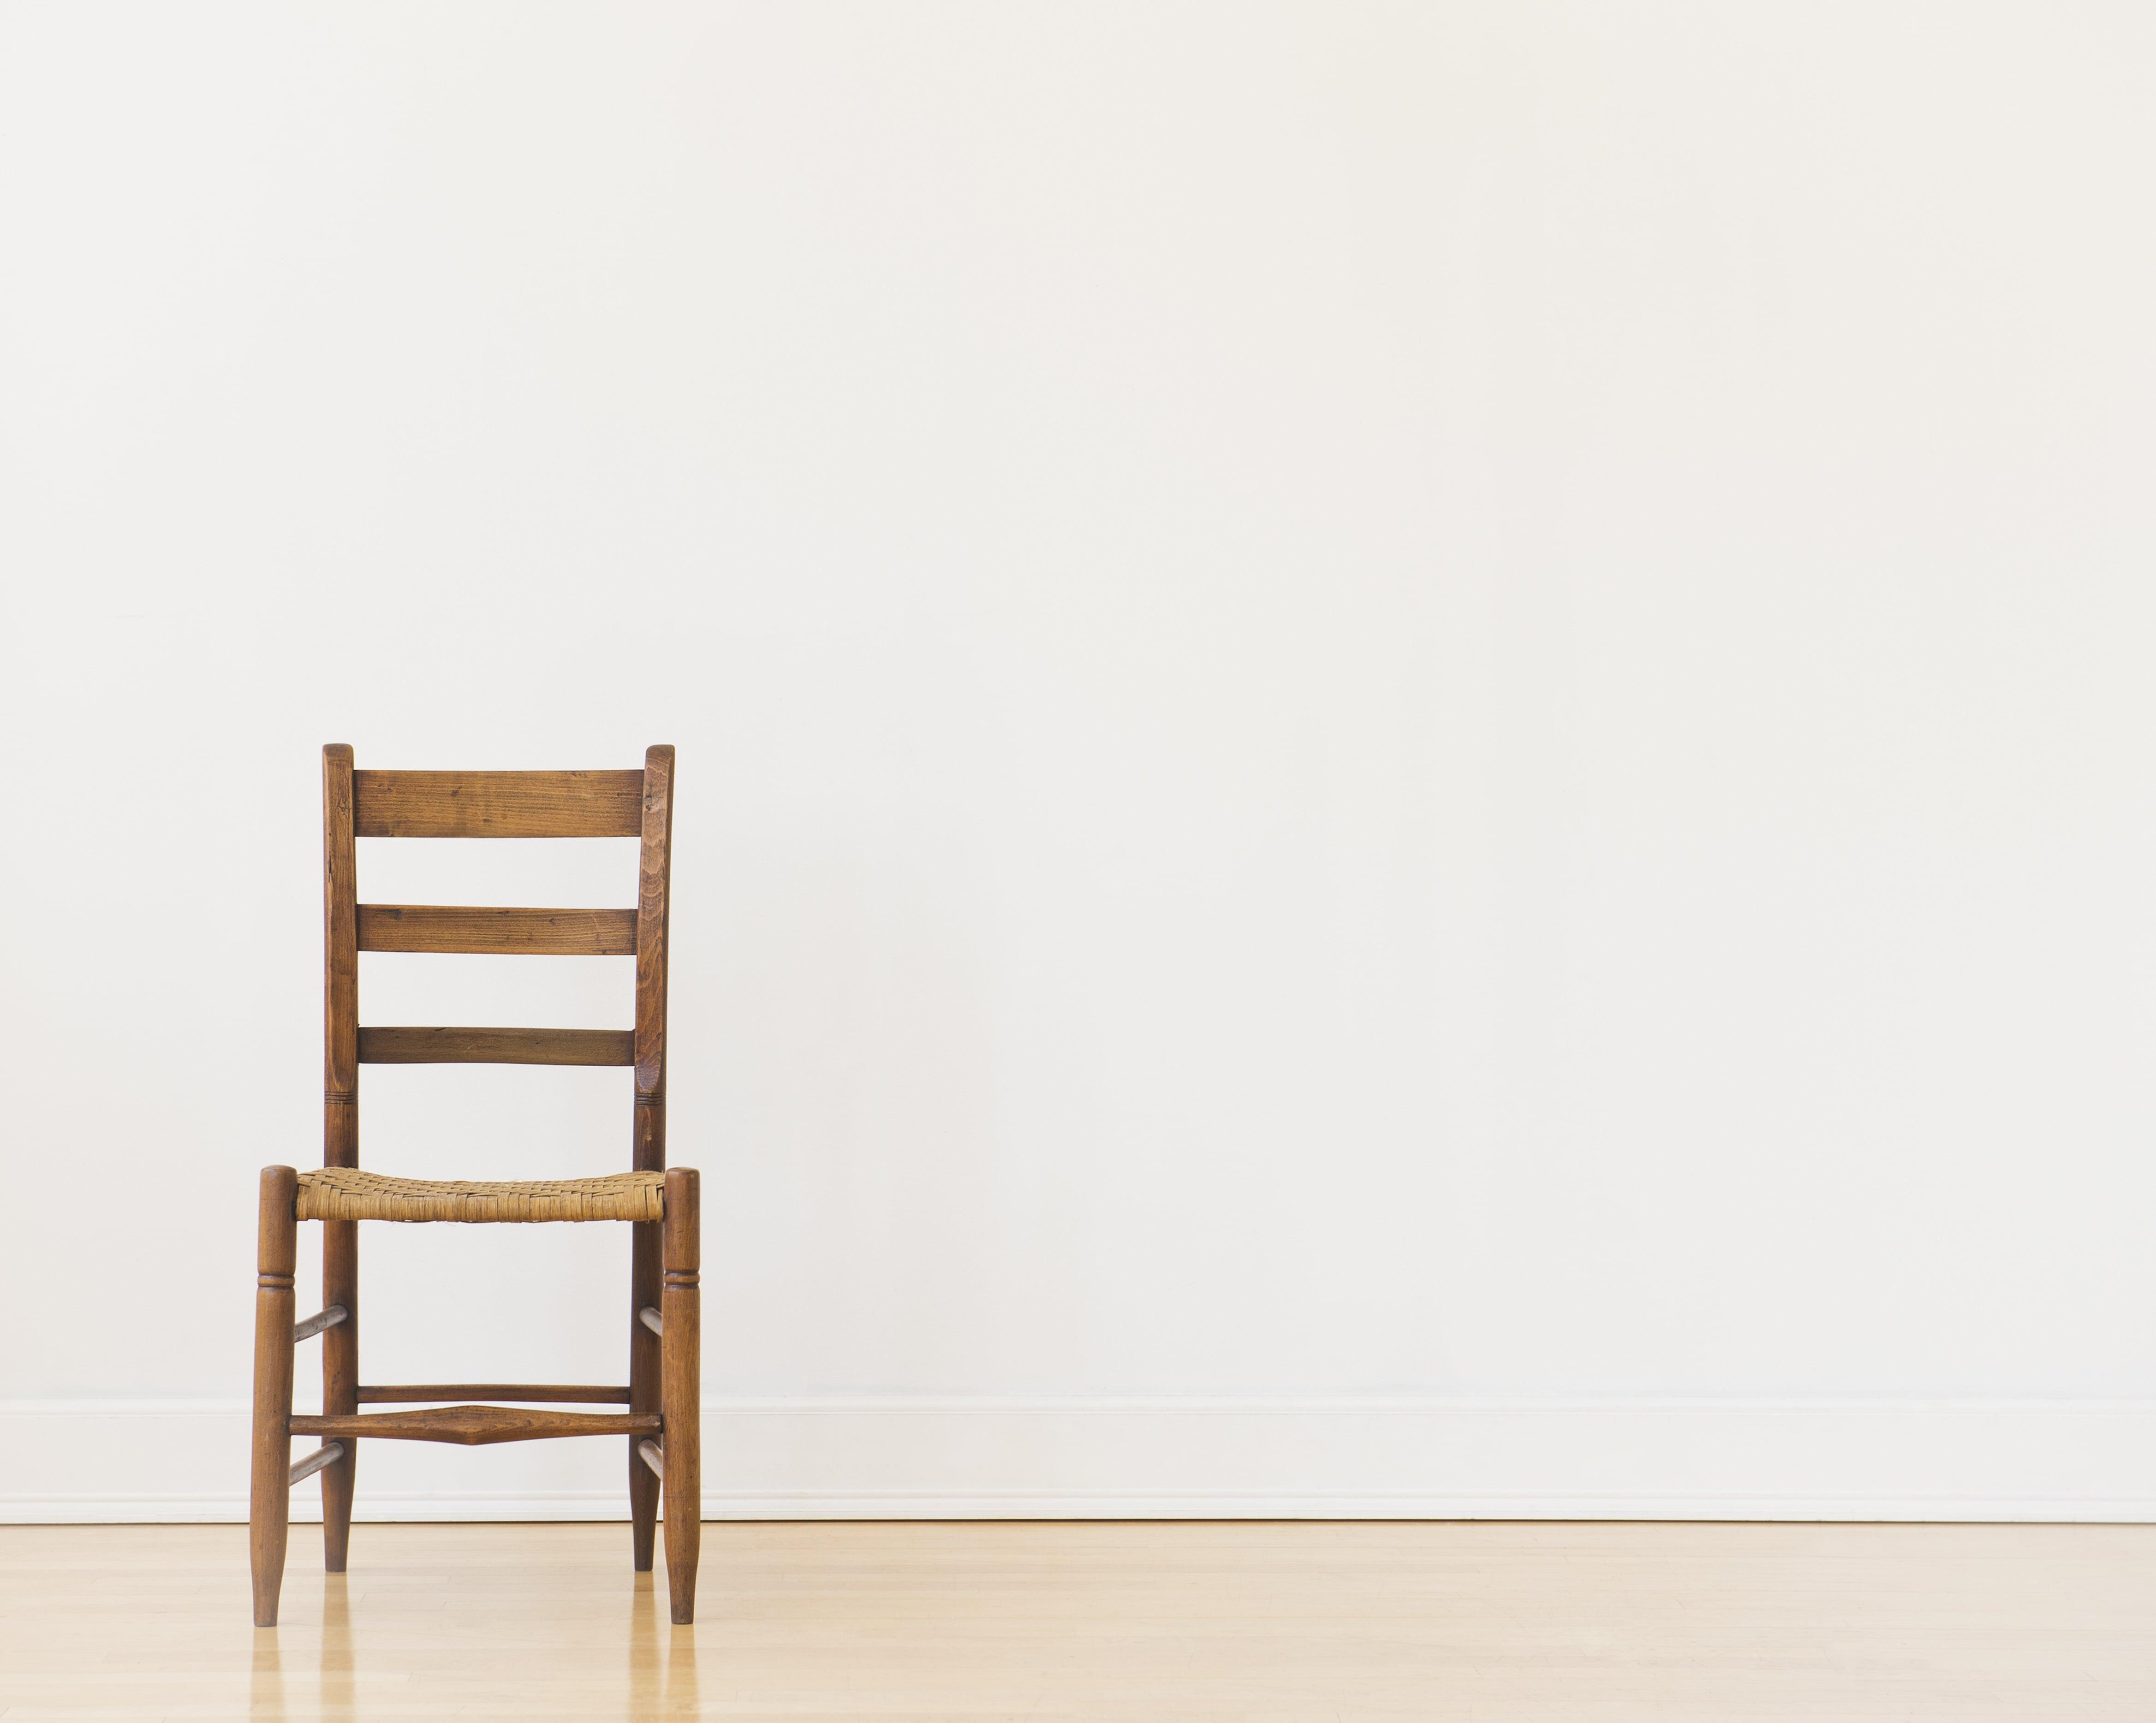 Die Aufnahme zeigt einen Holzstuhl, der an einer Wand steht. Der Stuhl ist nicht für die lange Arbeit am Schreibtisch geeignet.